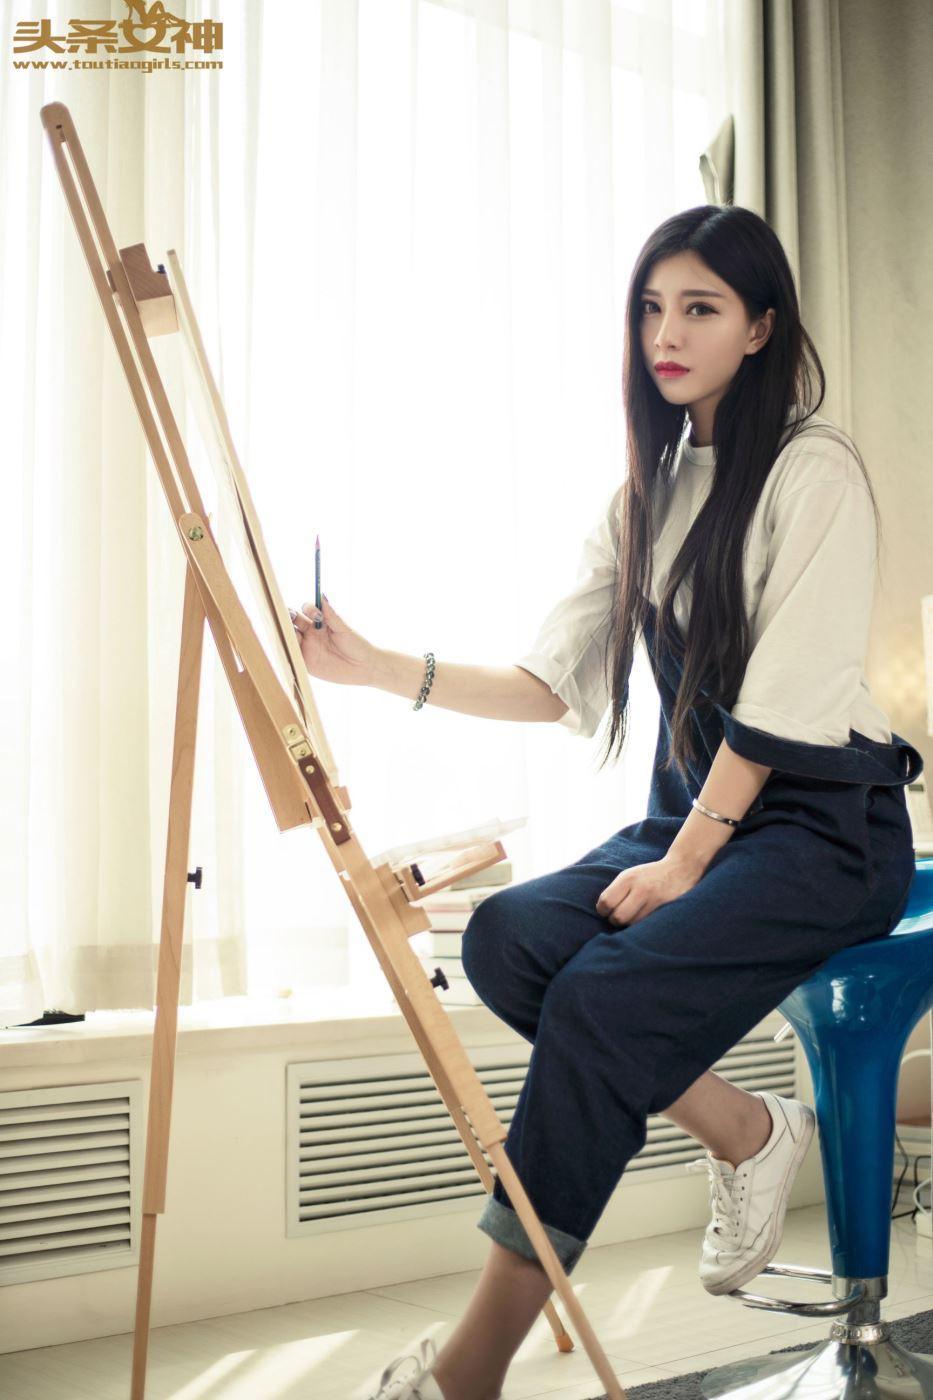 头条女神美女模特陈怡曼油画学生妹真空诱惑套图